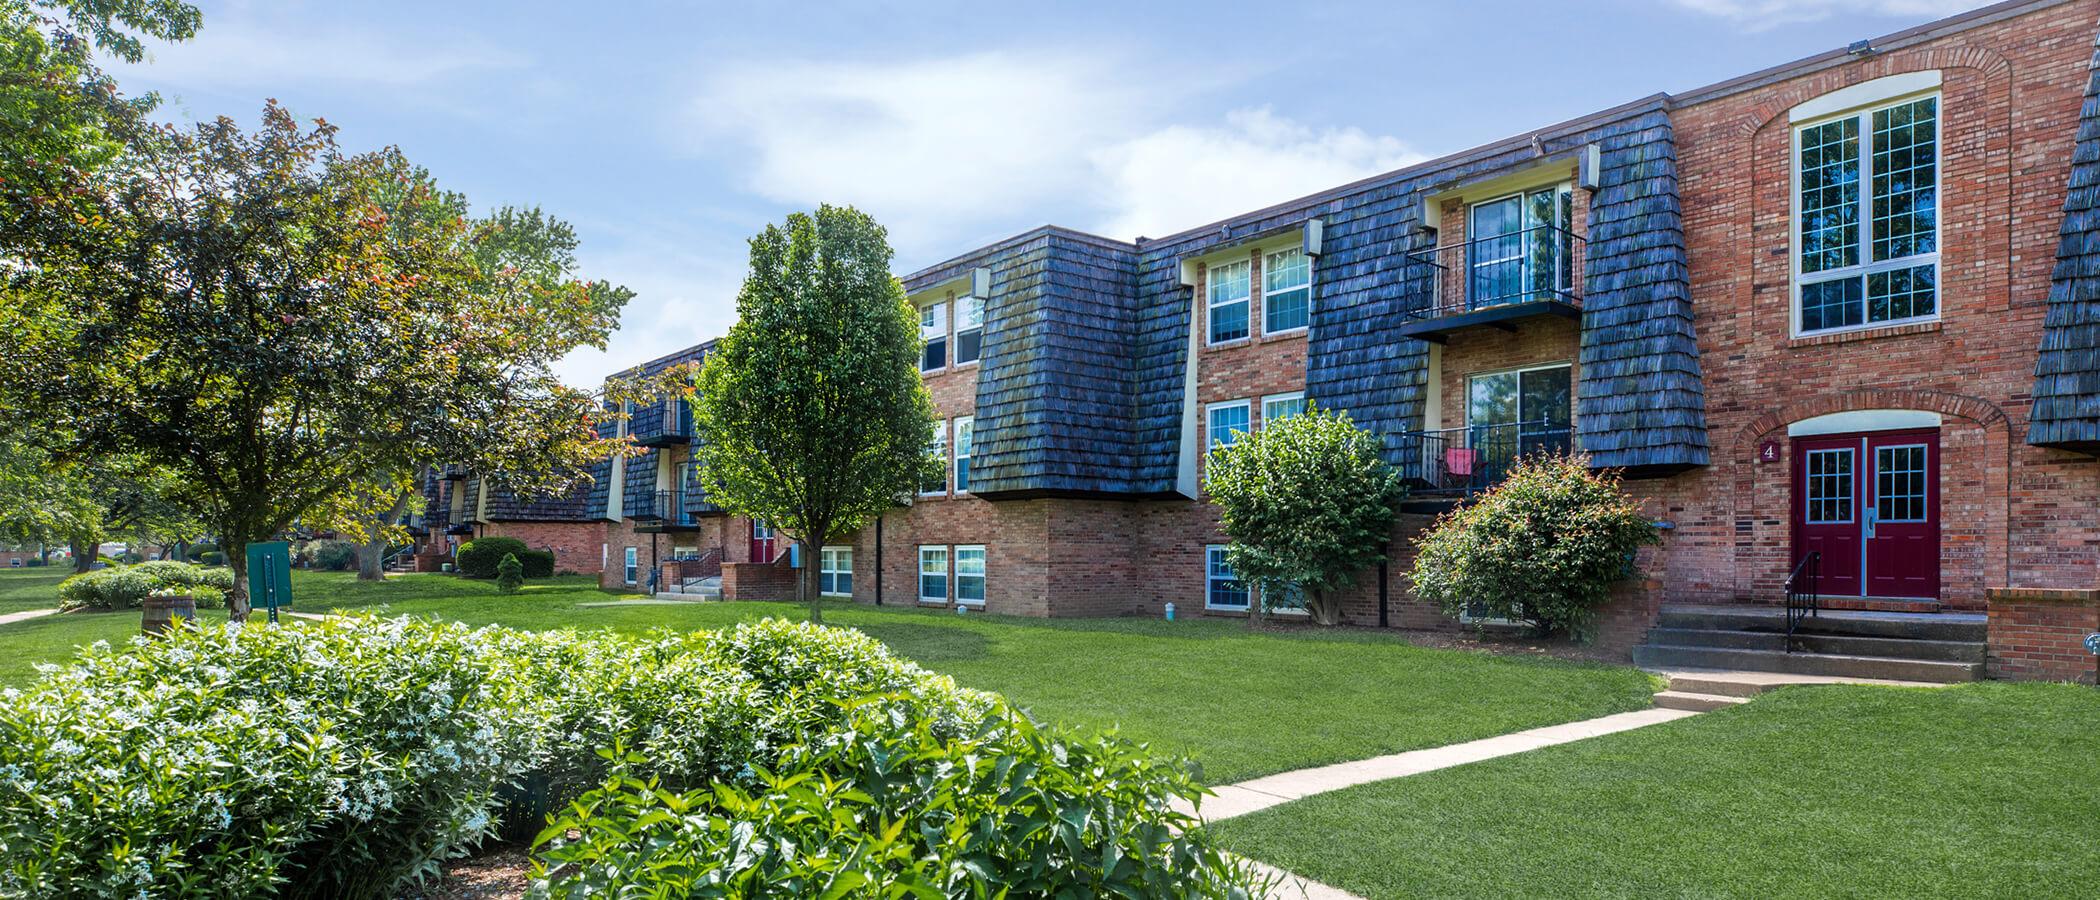 Beau Jardin Apartments In West Lafayette In